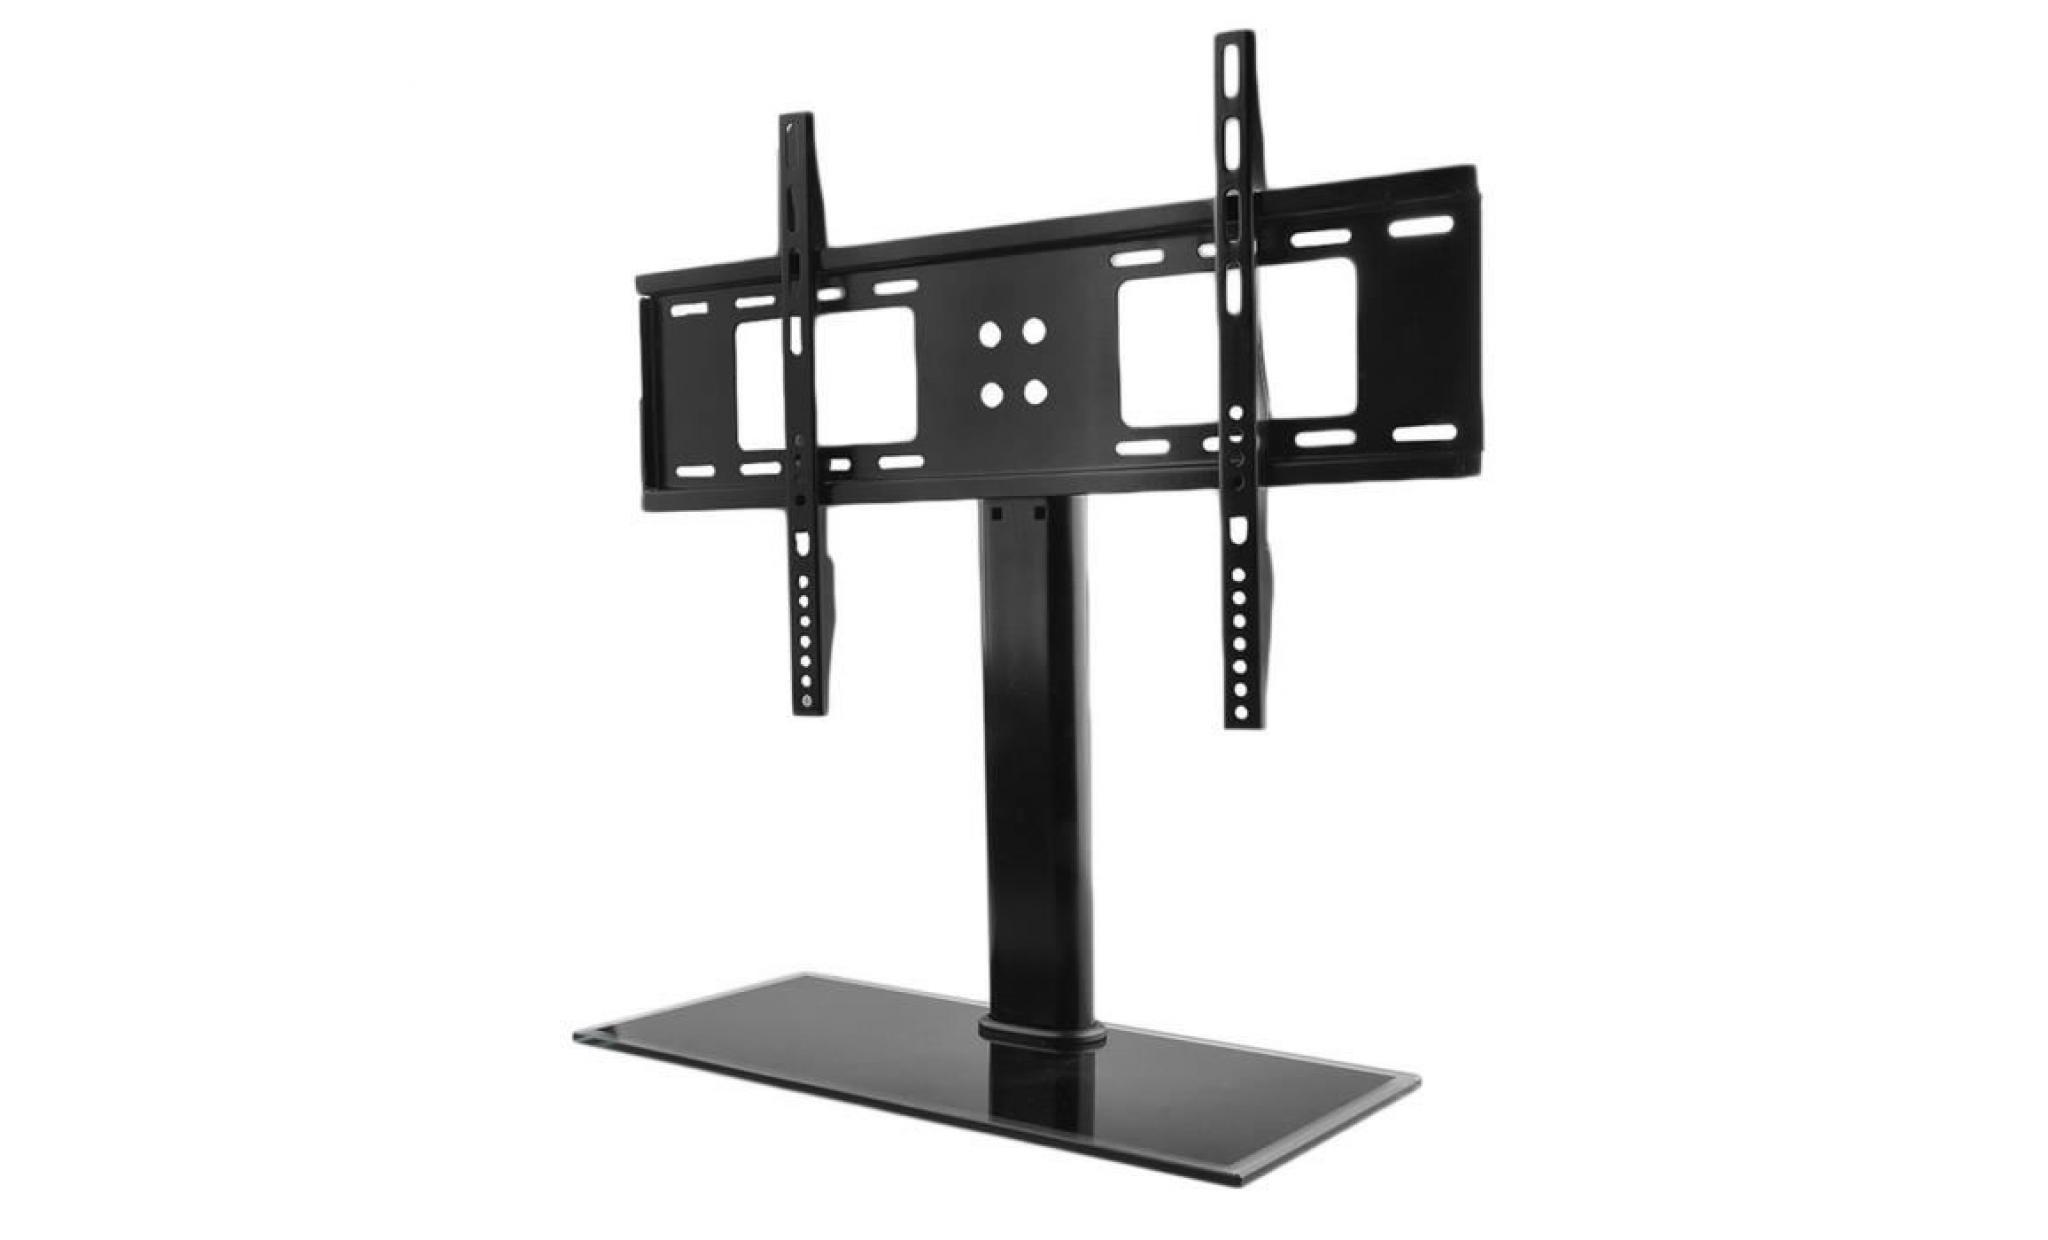 meuble tv pieds a televiseur de 37 a 55 pouces achat vente meuble tv pas cher couleur et design fr